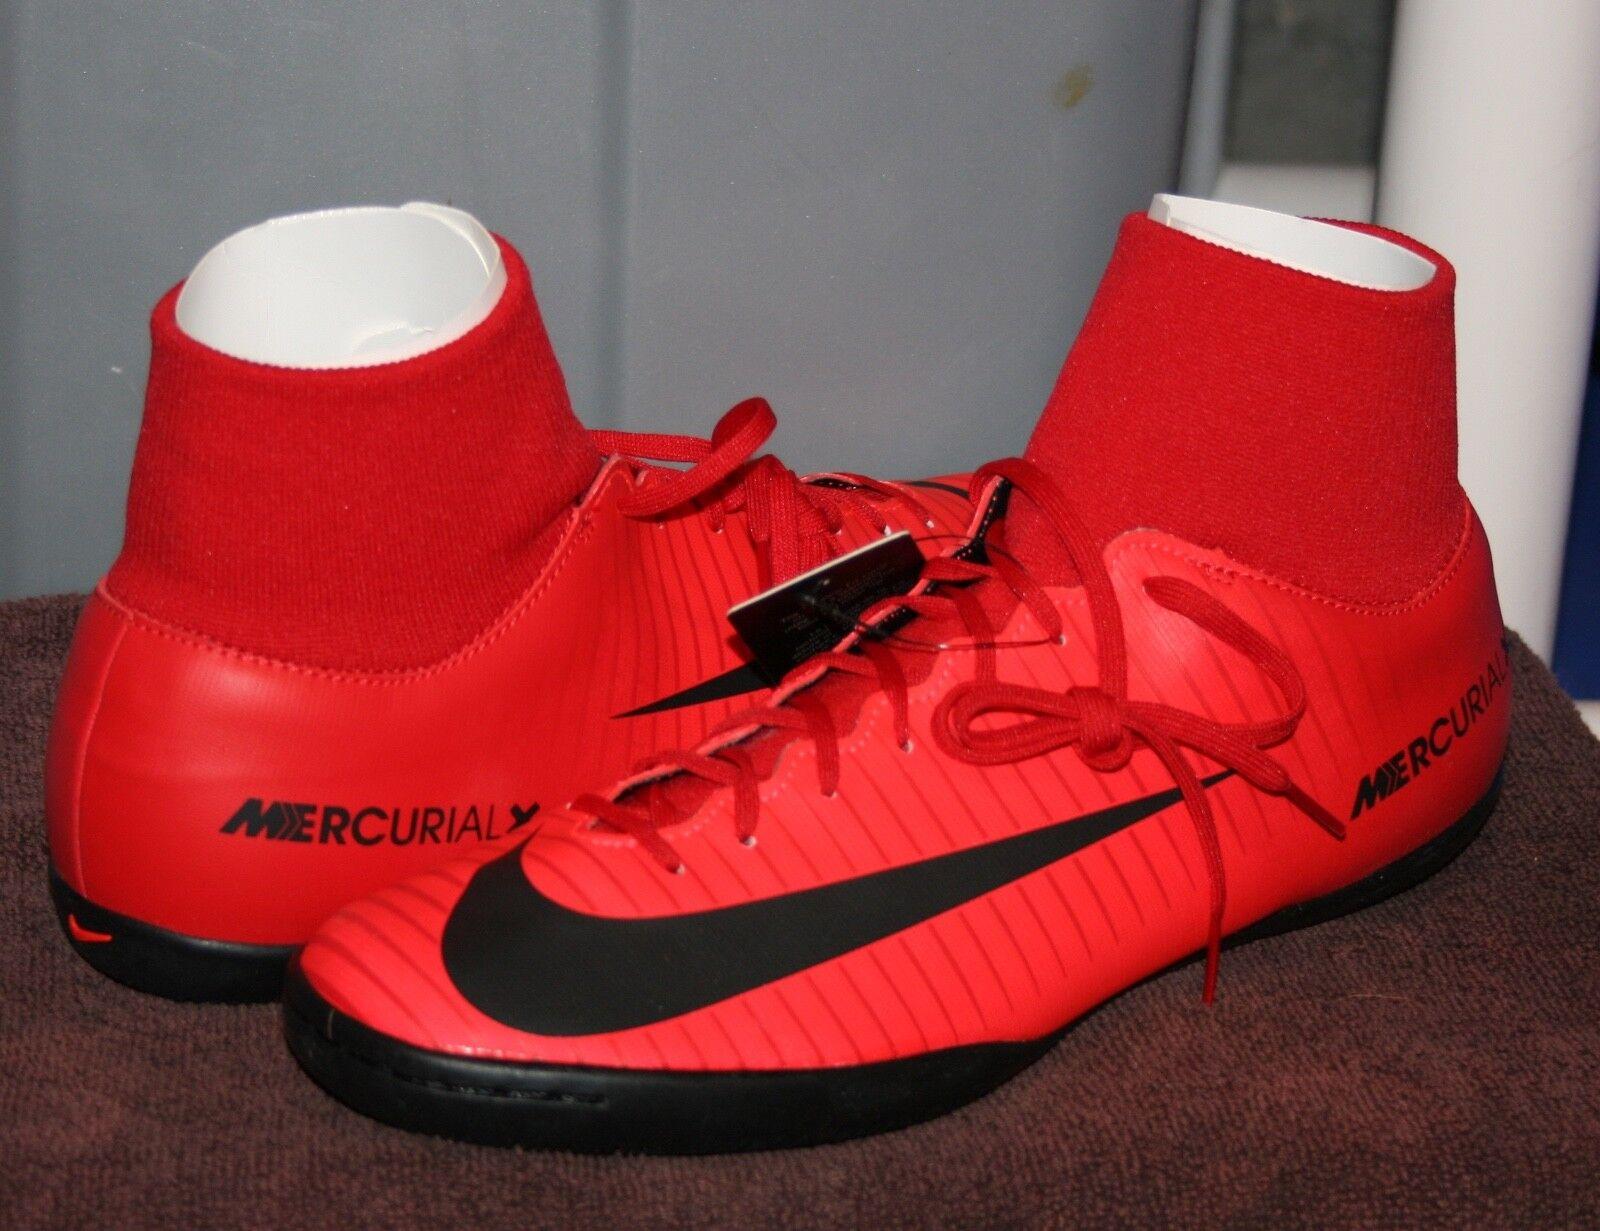 Nike MERCURIALX victoria VI DF IC US 11.5 EU 45.5 Para Hombre Zapato De Fútbol Indoor